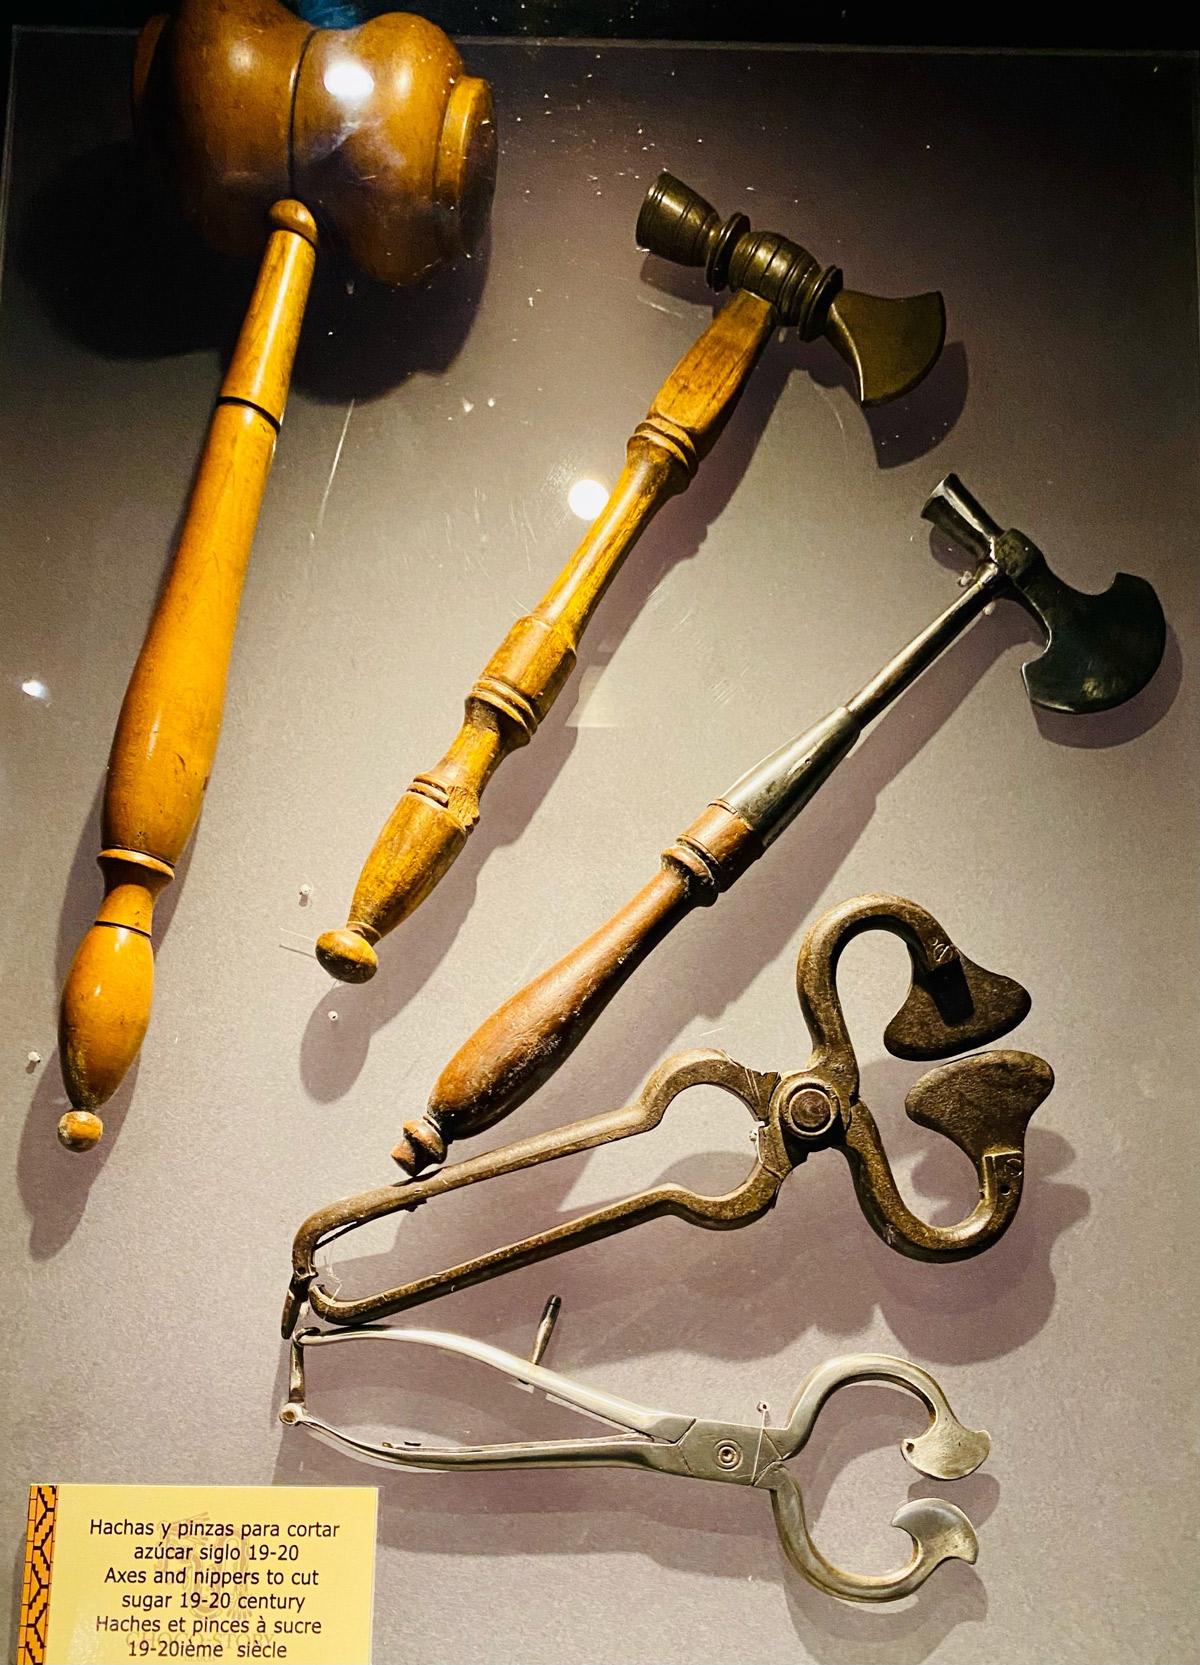 Инструменты для колки сахара